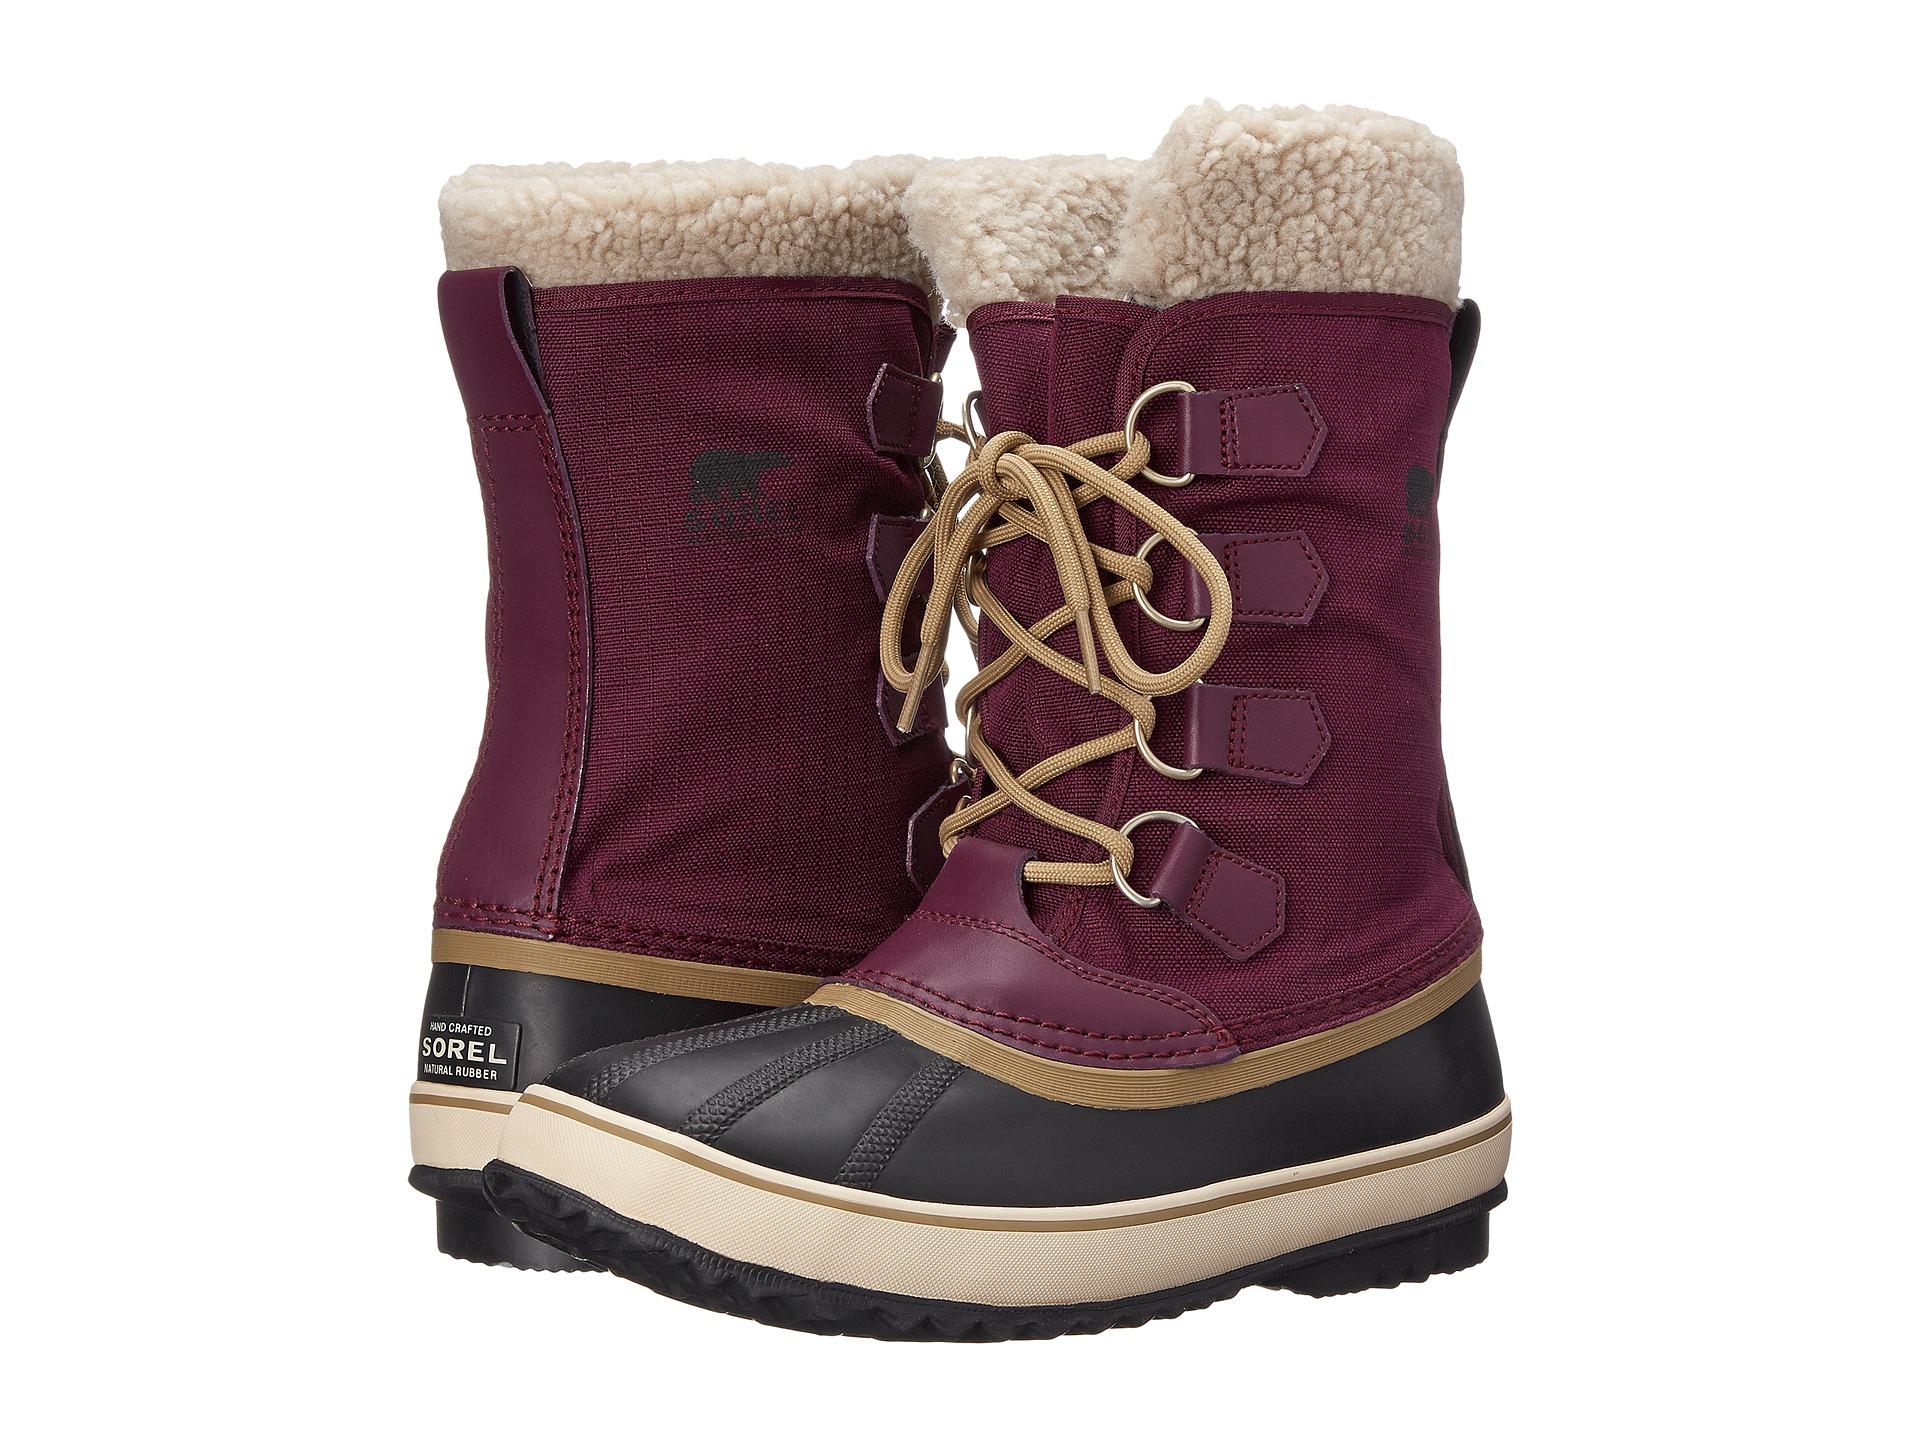 Sorel Winter Boots Size 15 | Santa Barbara Institute for ...